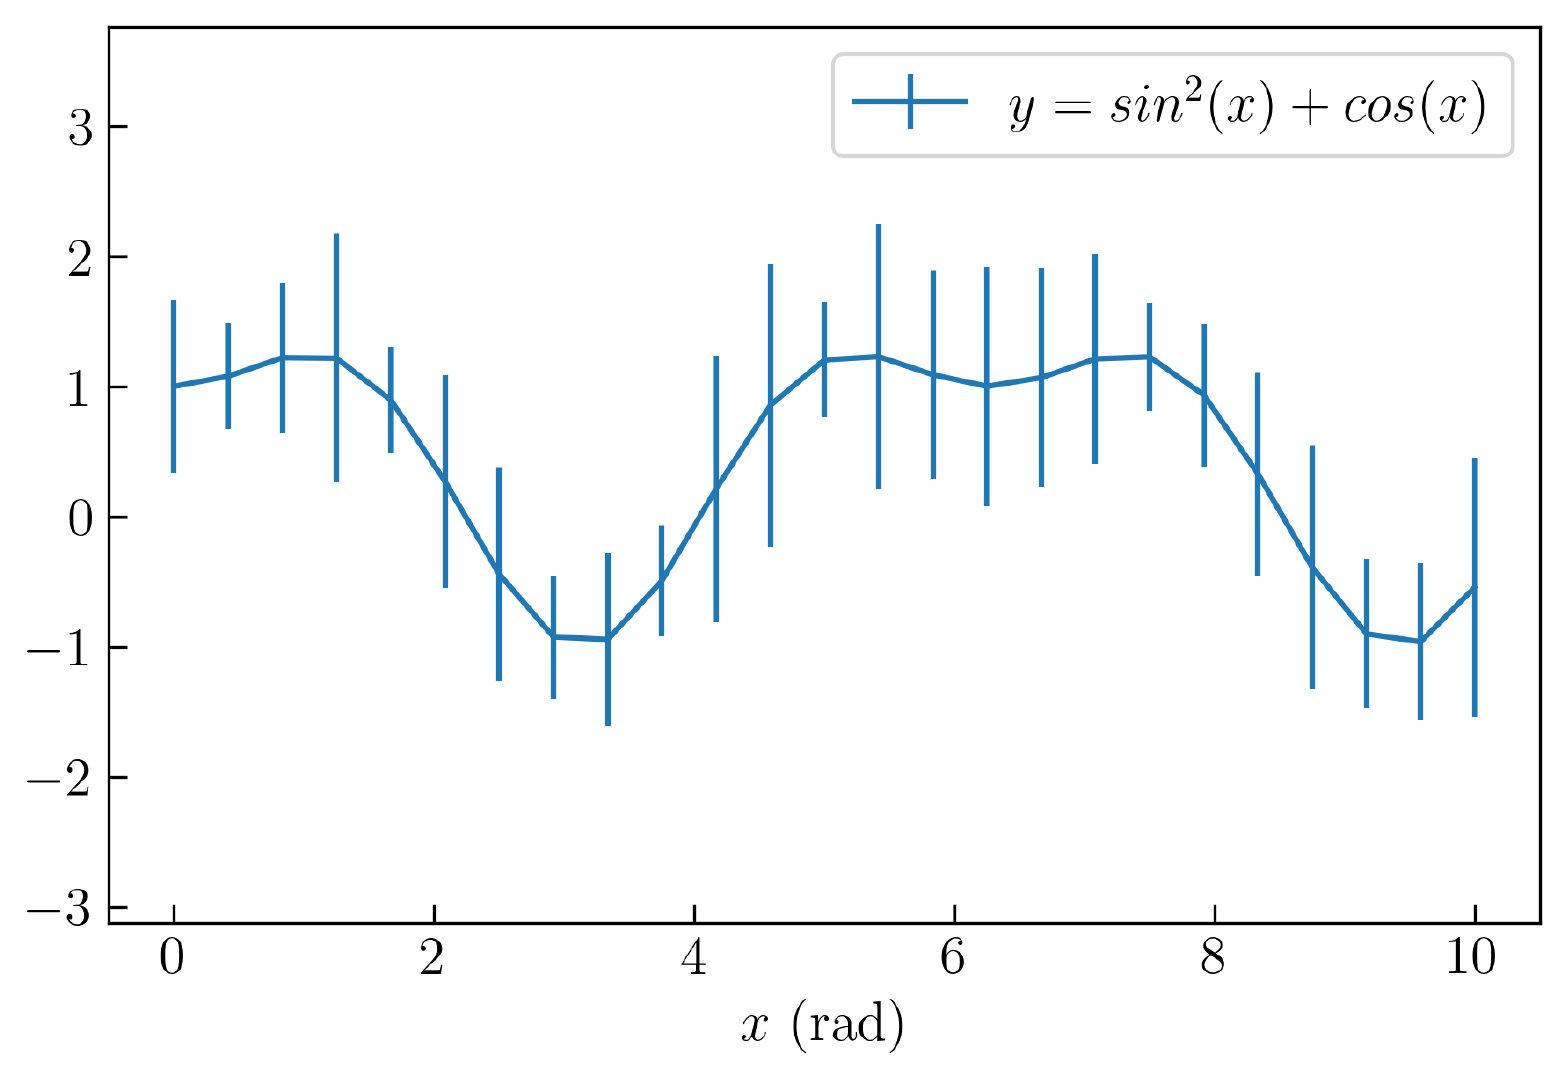 图17. 创建添加误差的线形图